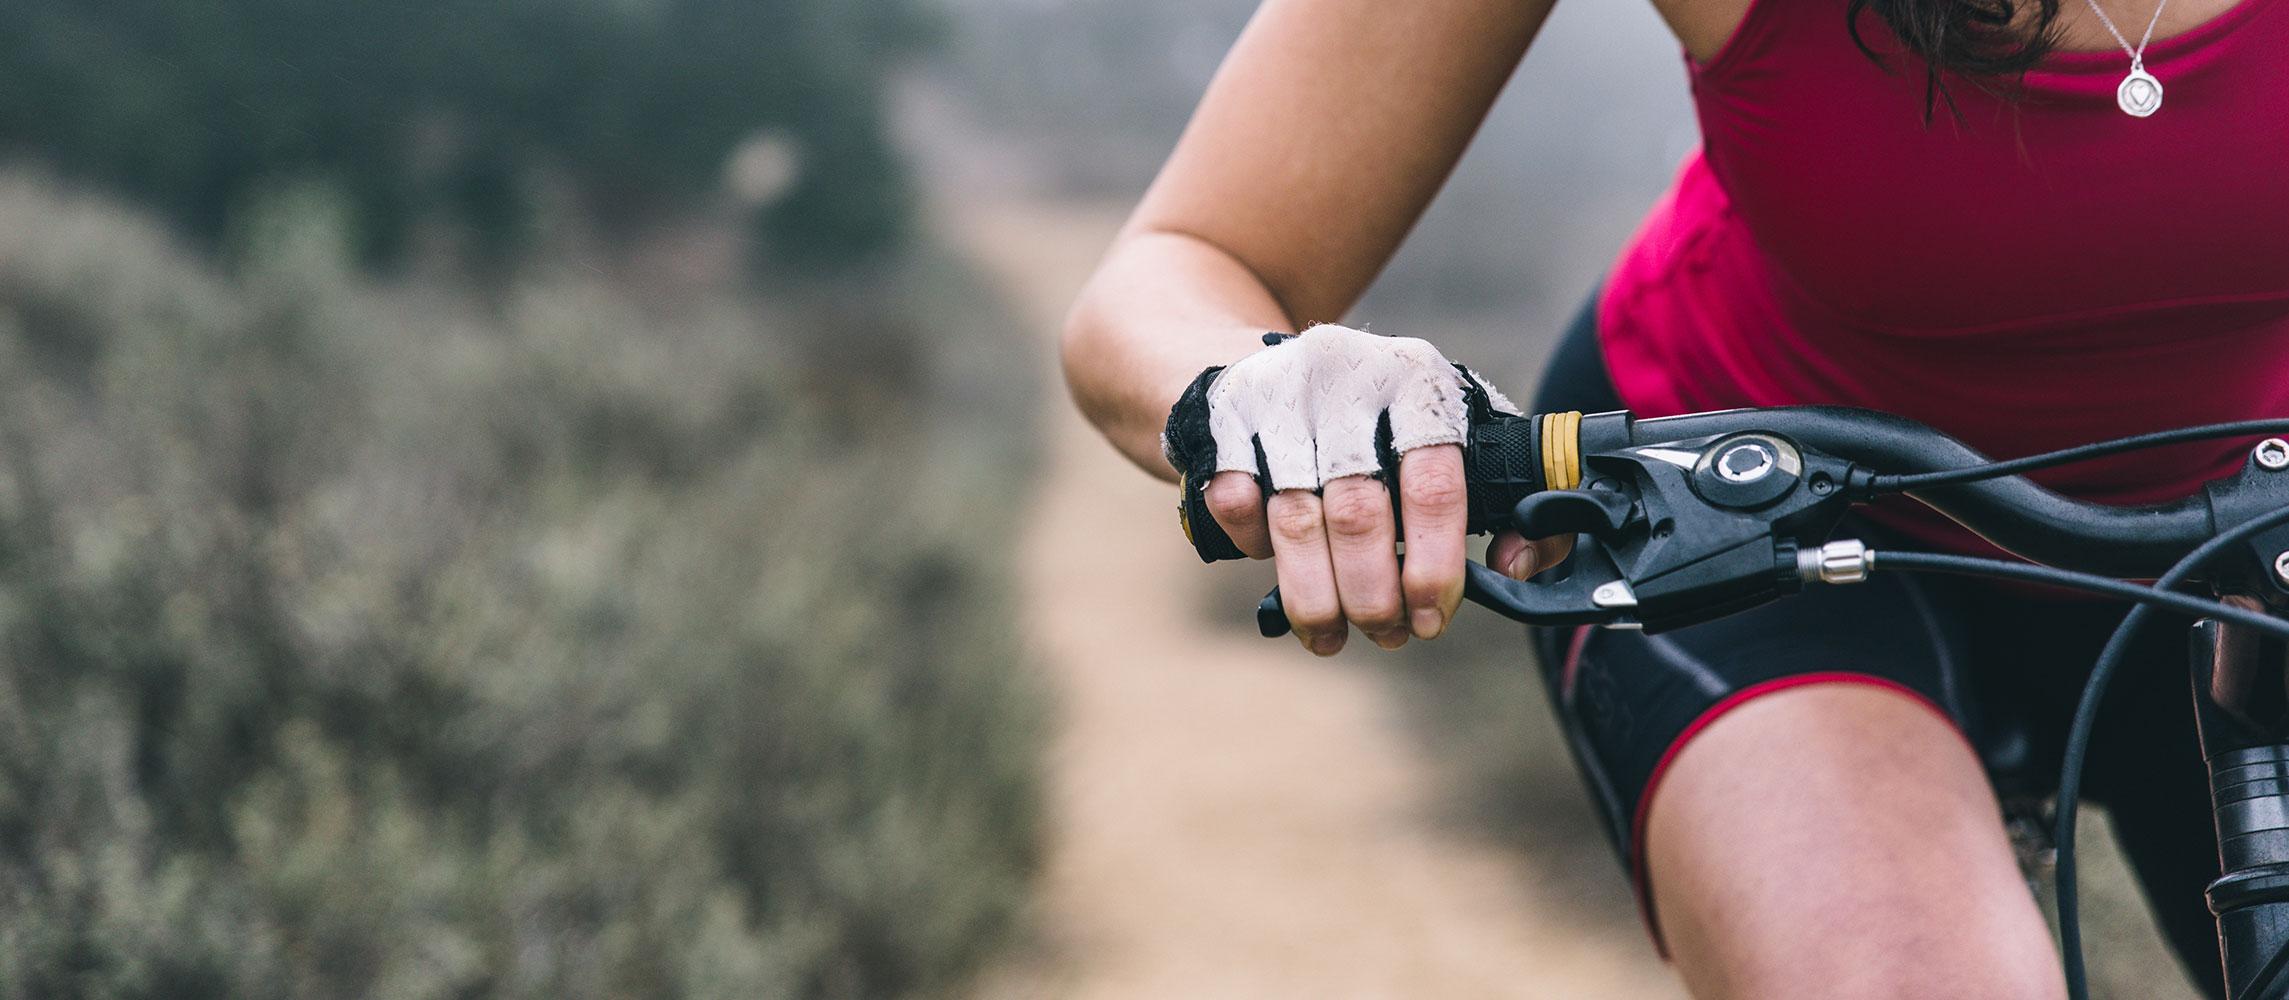 Wandern und Radfahren – alles was Sportler wissen sollten.